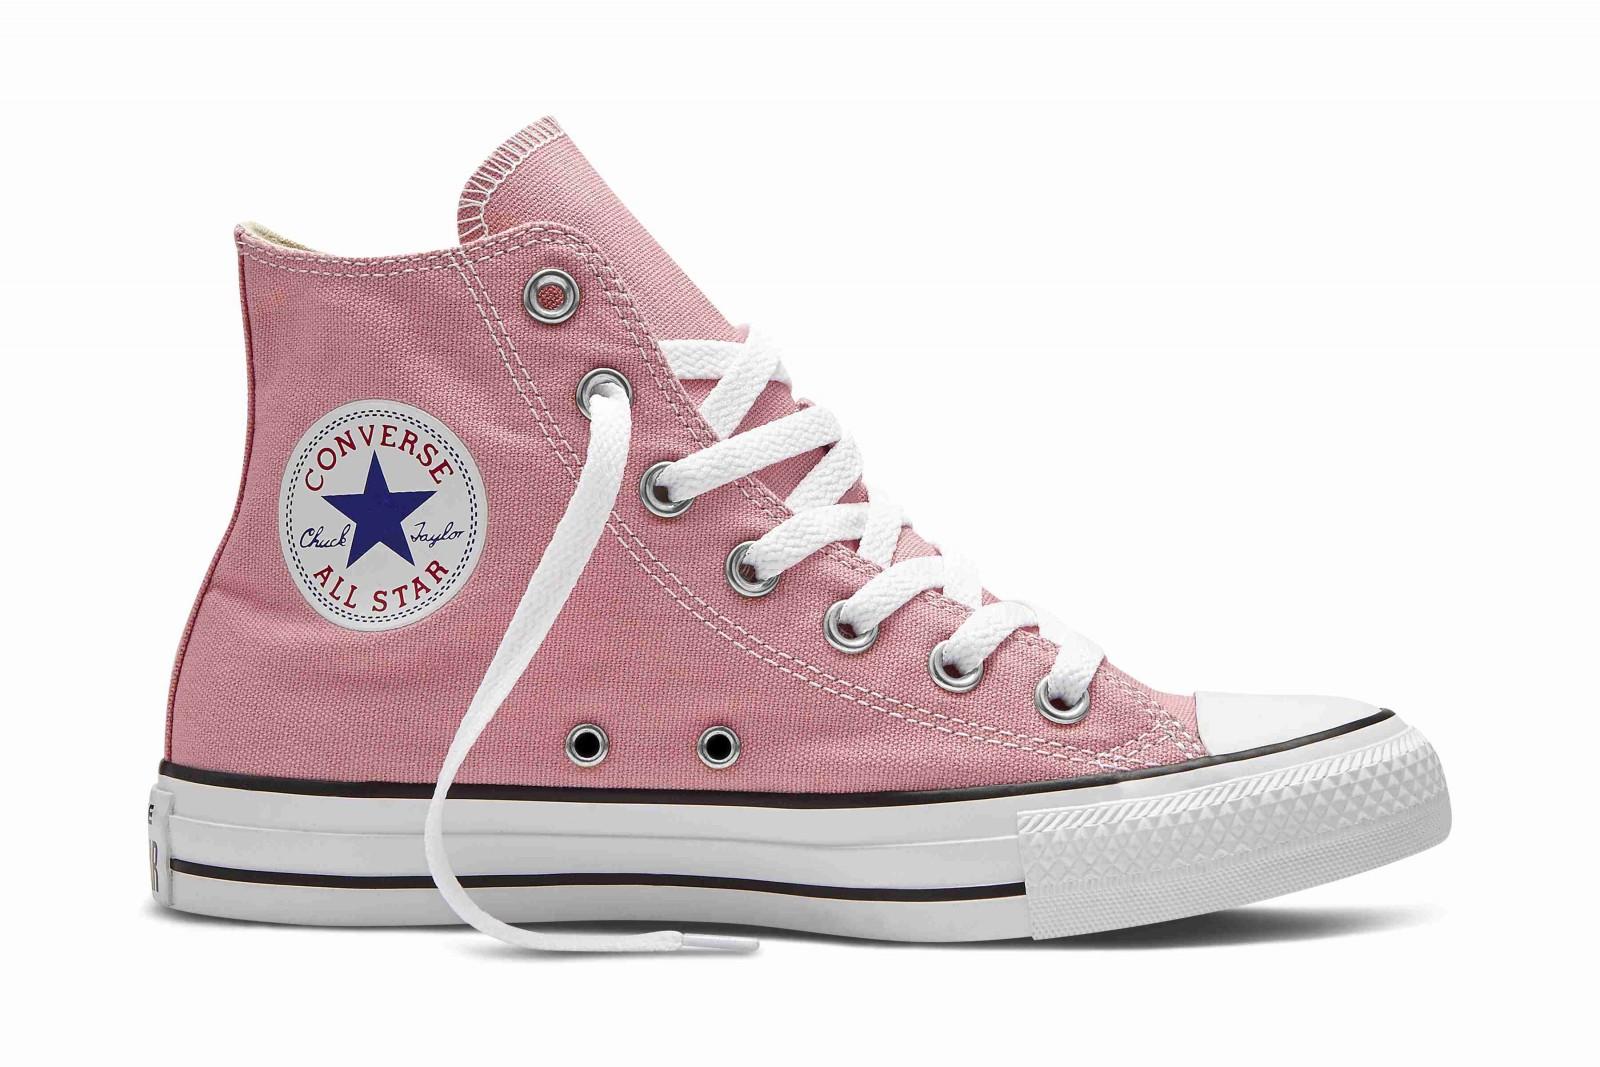 Dámské kotníkové boty Converse Chuck Taylor All Star růžové  f9a6f44eb2f